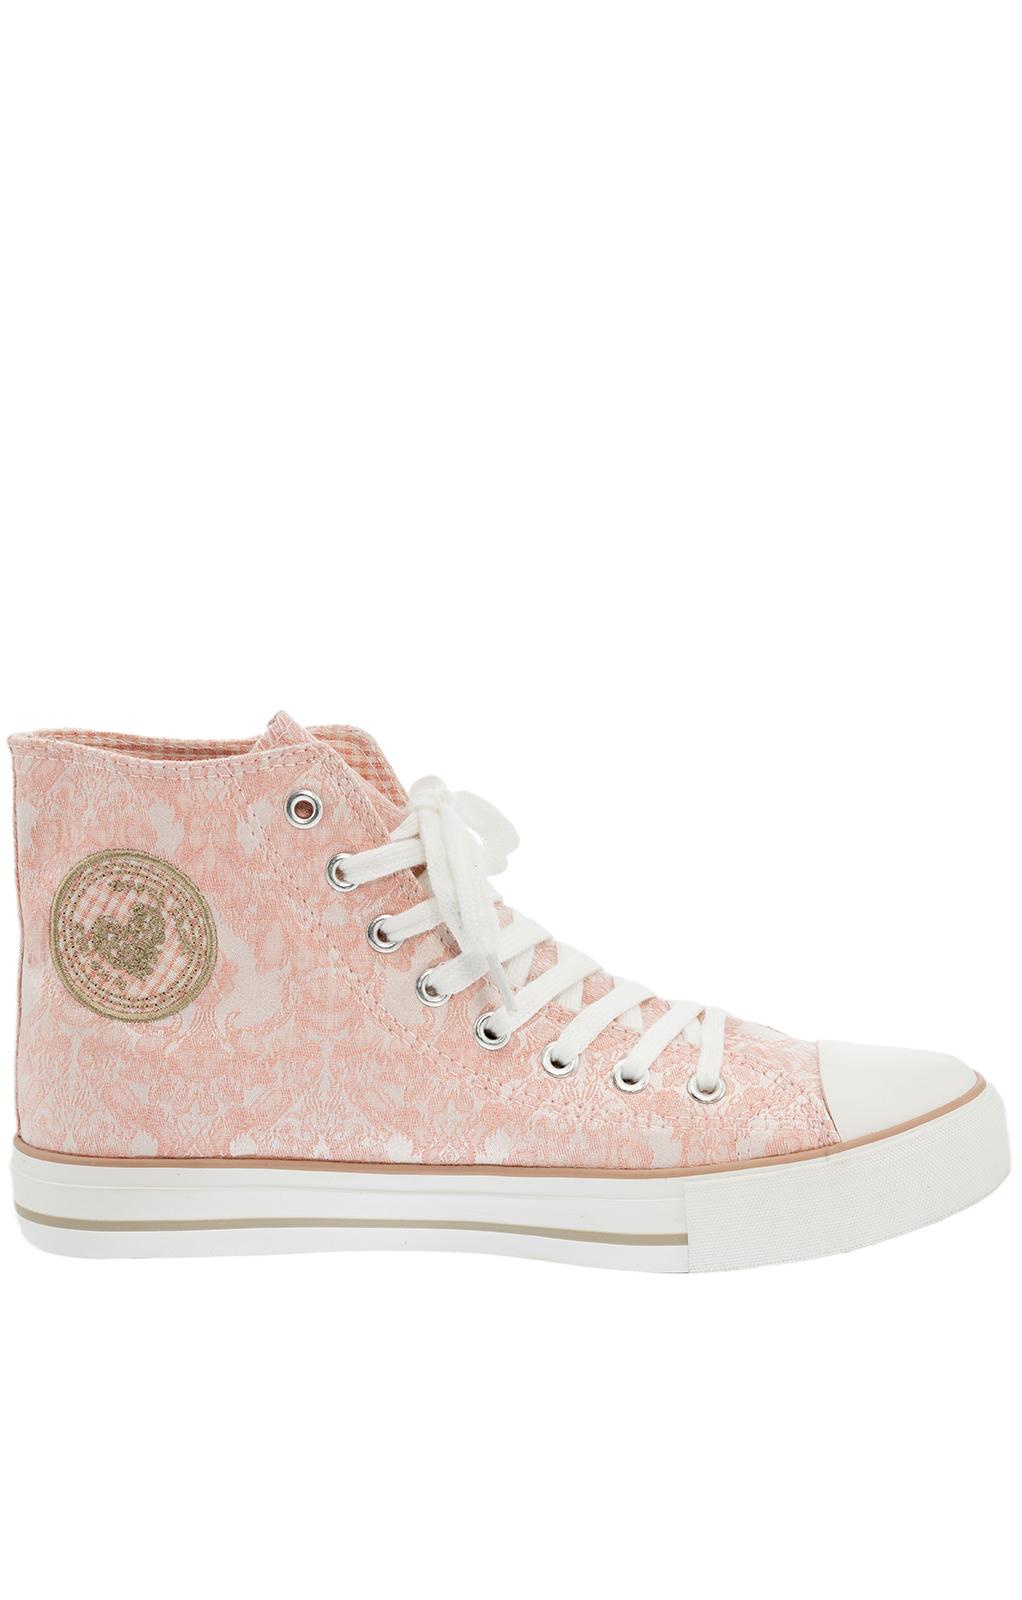 weitere Bilder von Trachten Sneaker 4713-33 rosa